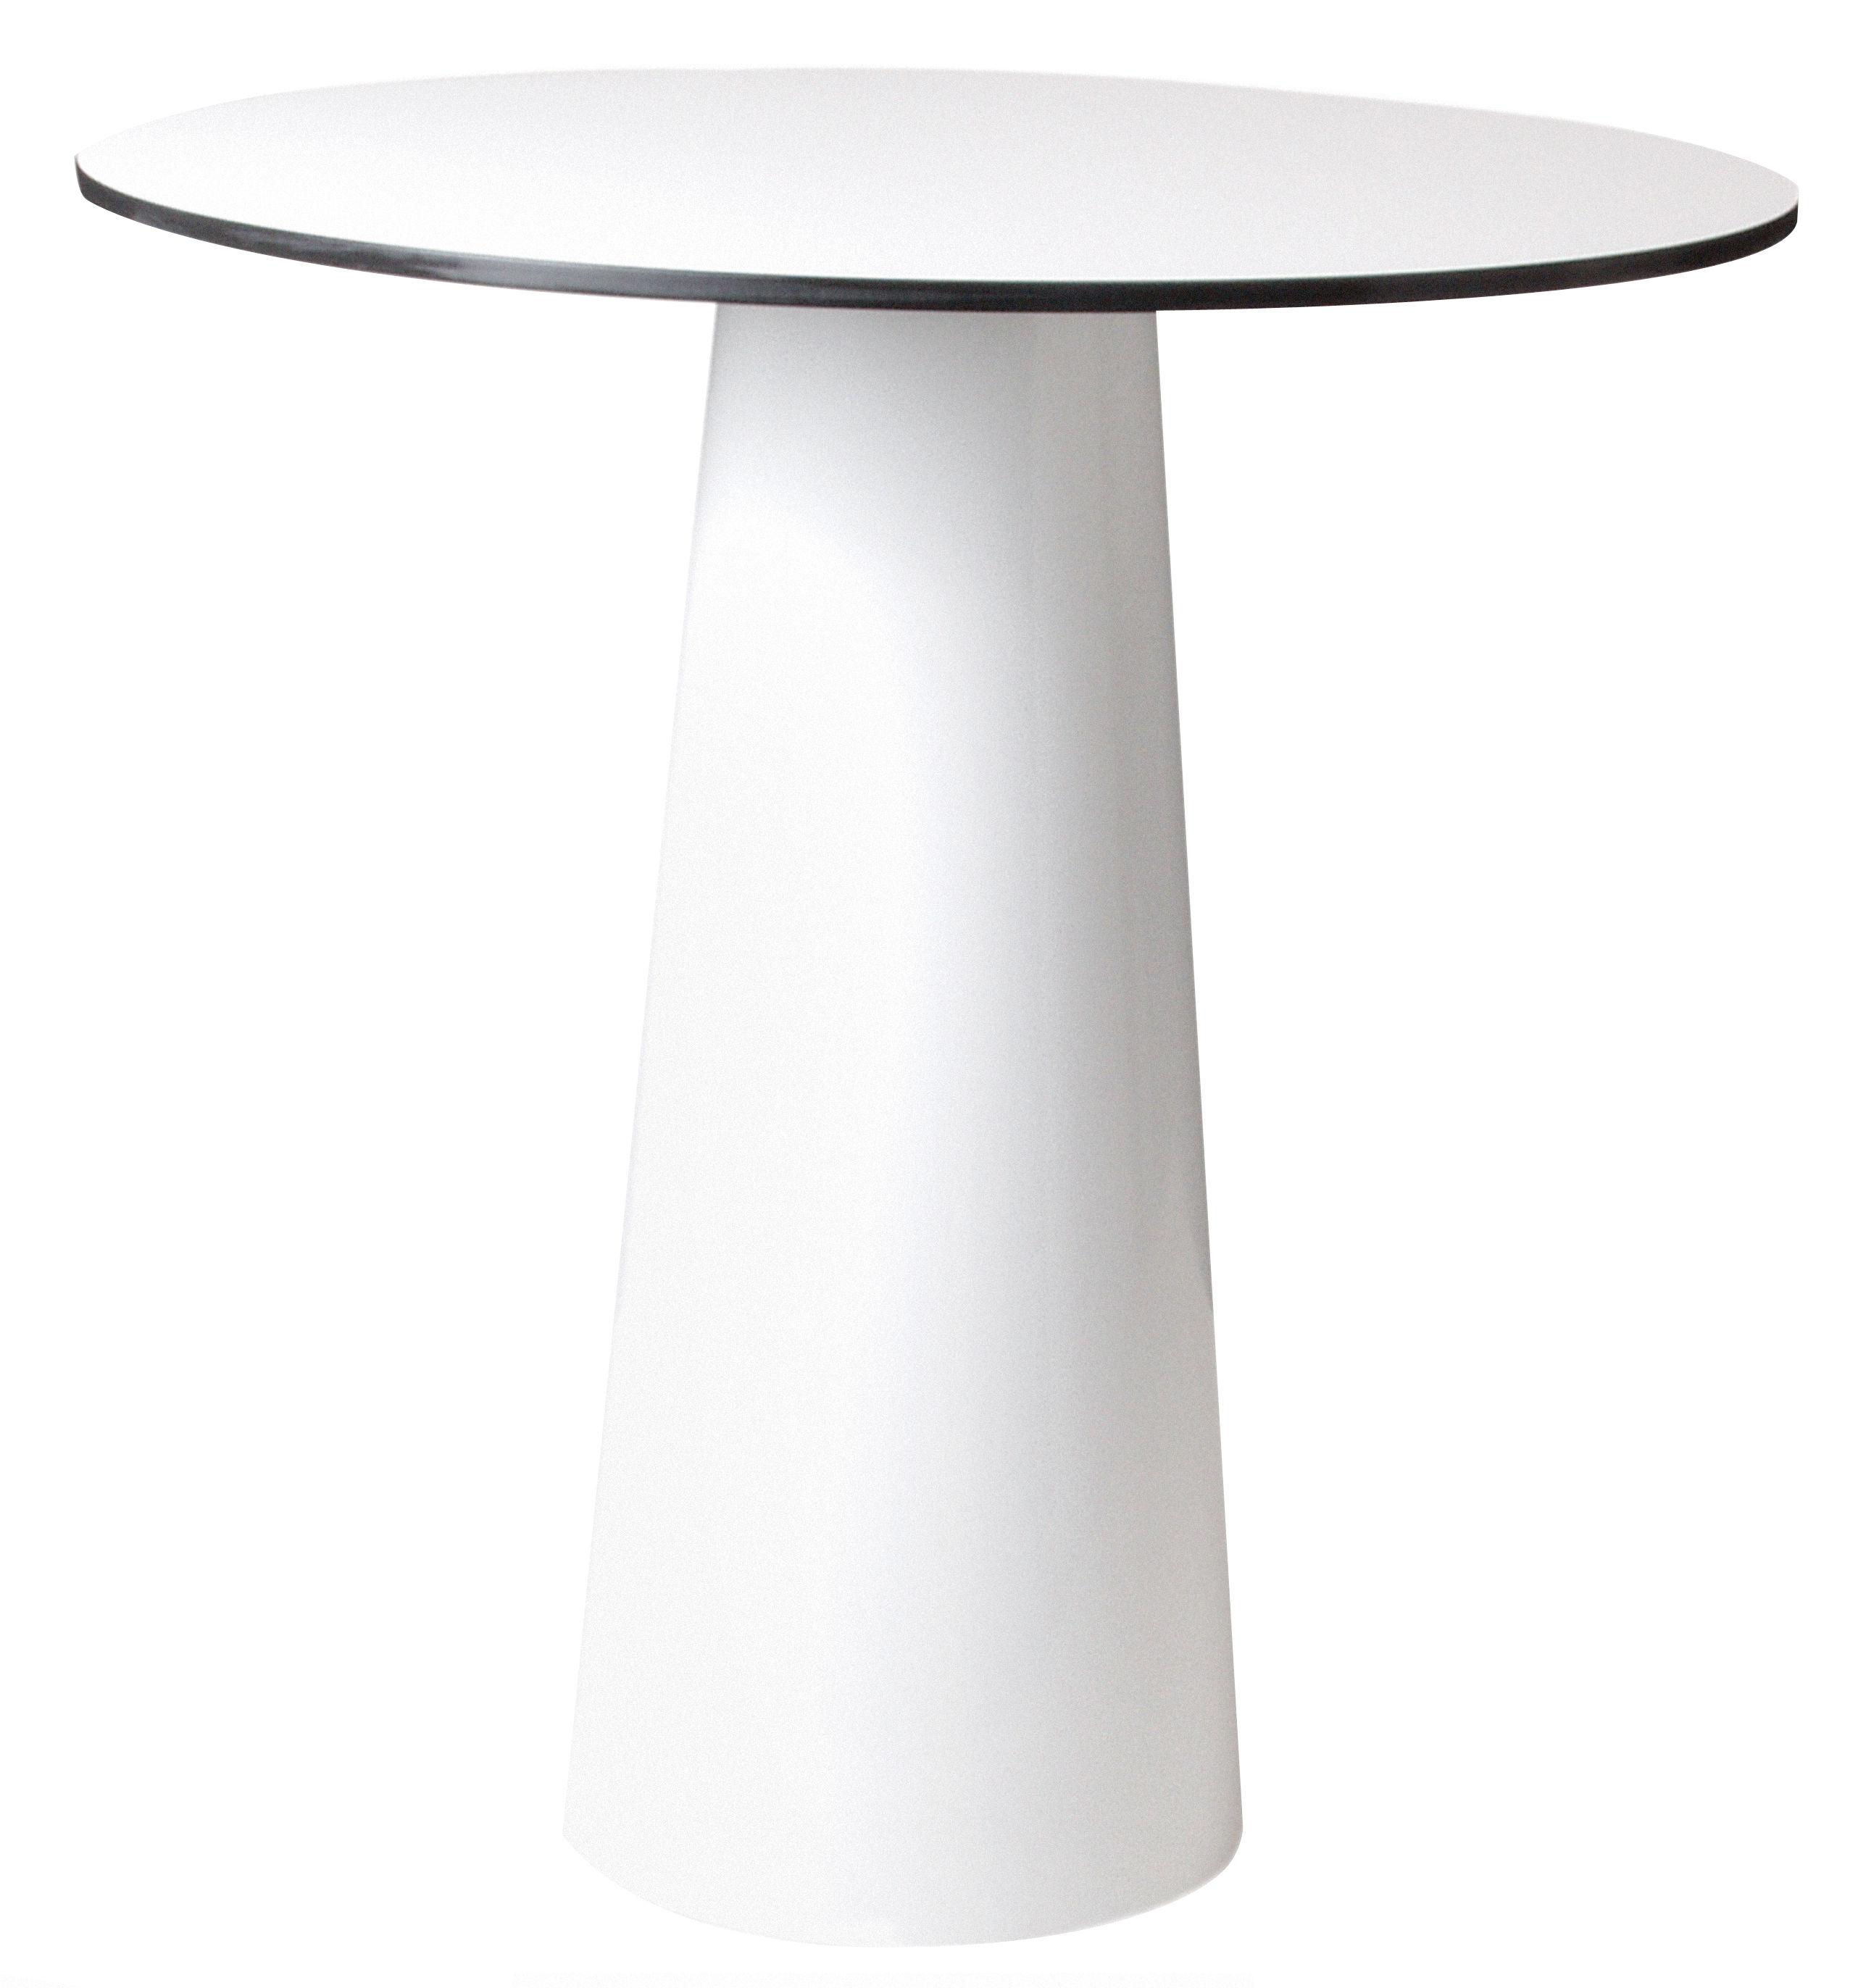 Outdoor - Tables de jardin - Accessoire table / Plateau Container  Ø 70 cm - Moooi - Plateau blanc - Ø 70 cm - HPL